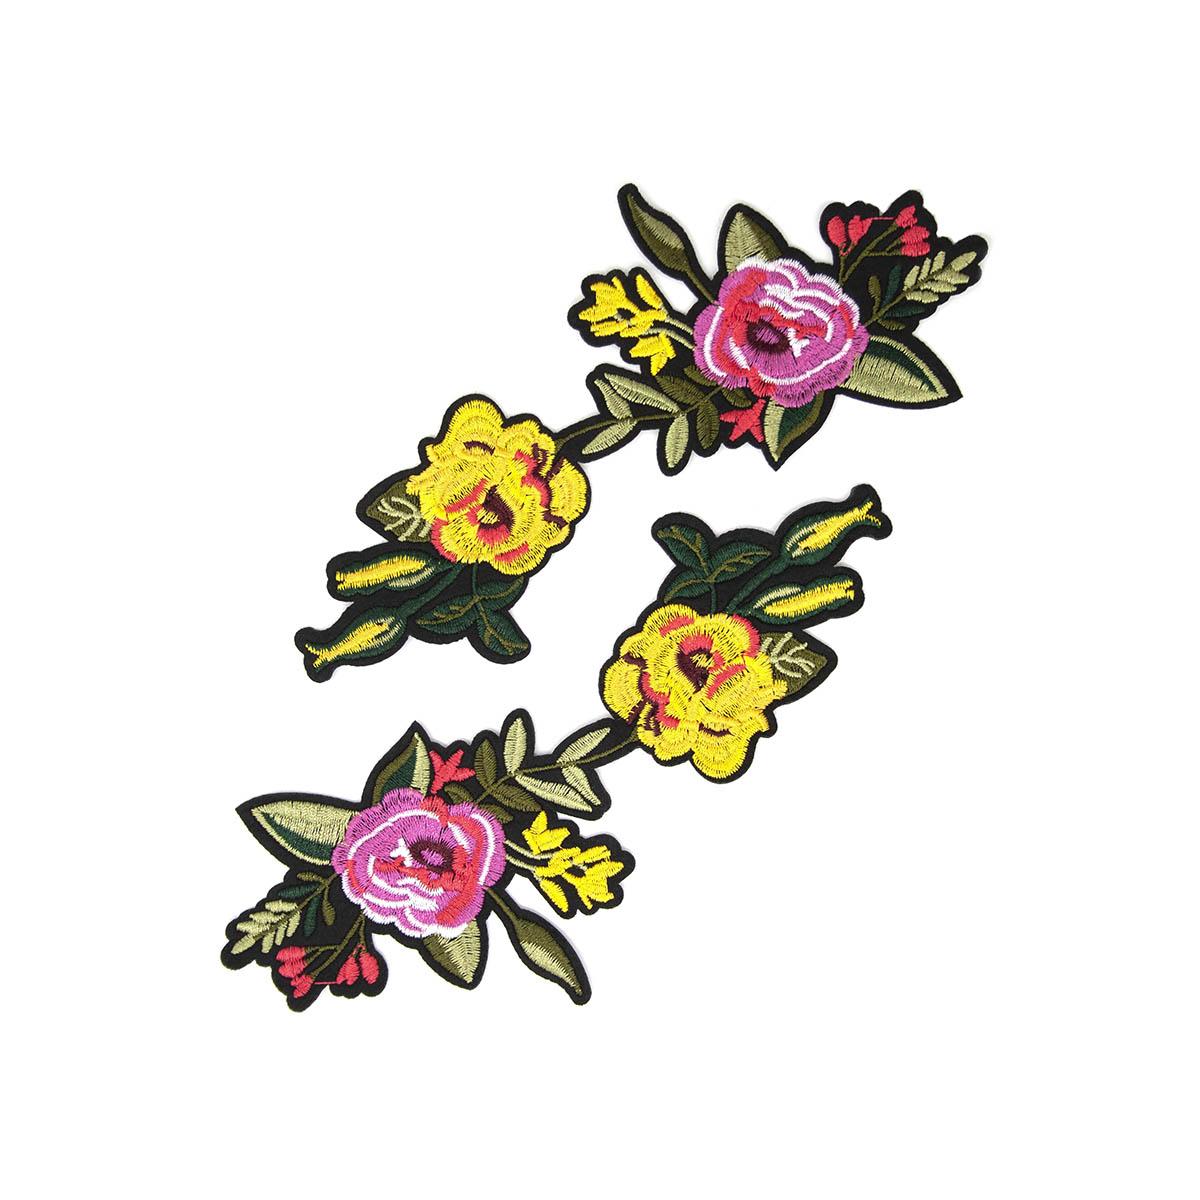 ГФ613 Термоаппликация Цветы 19,5*9см